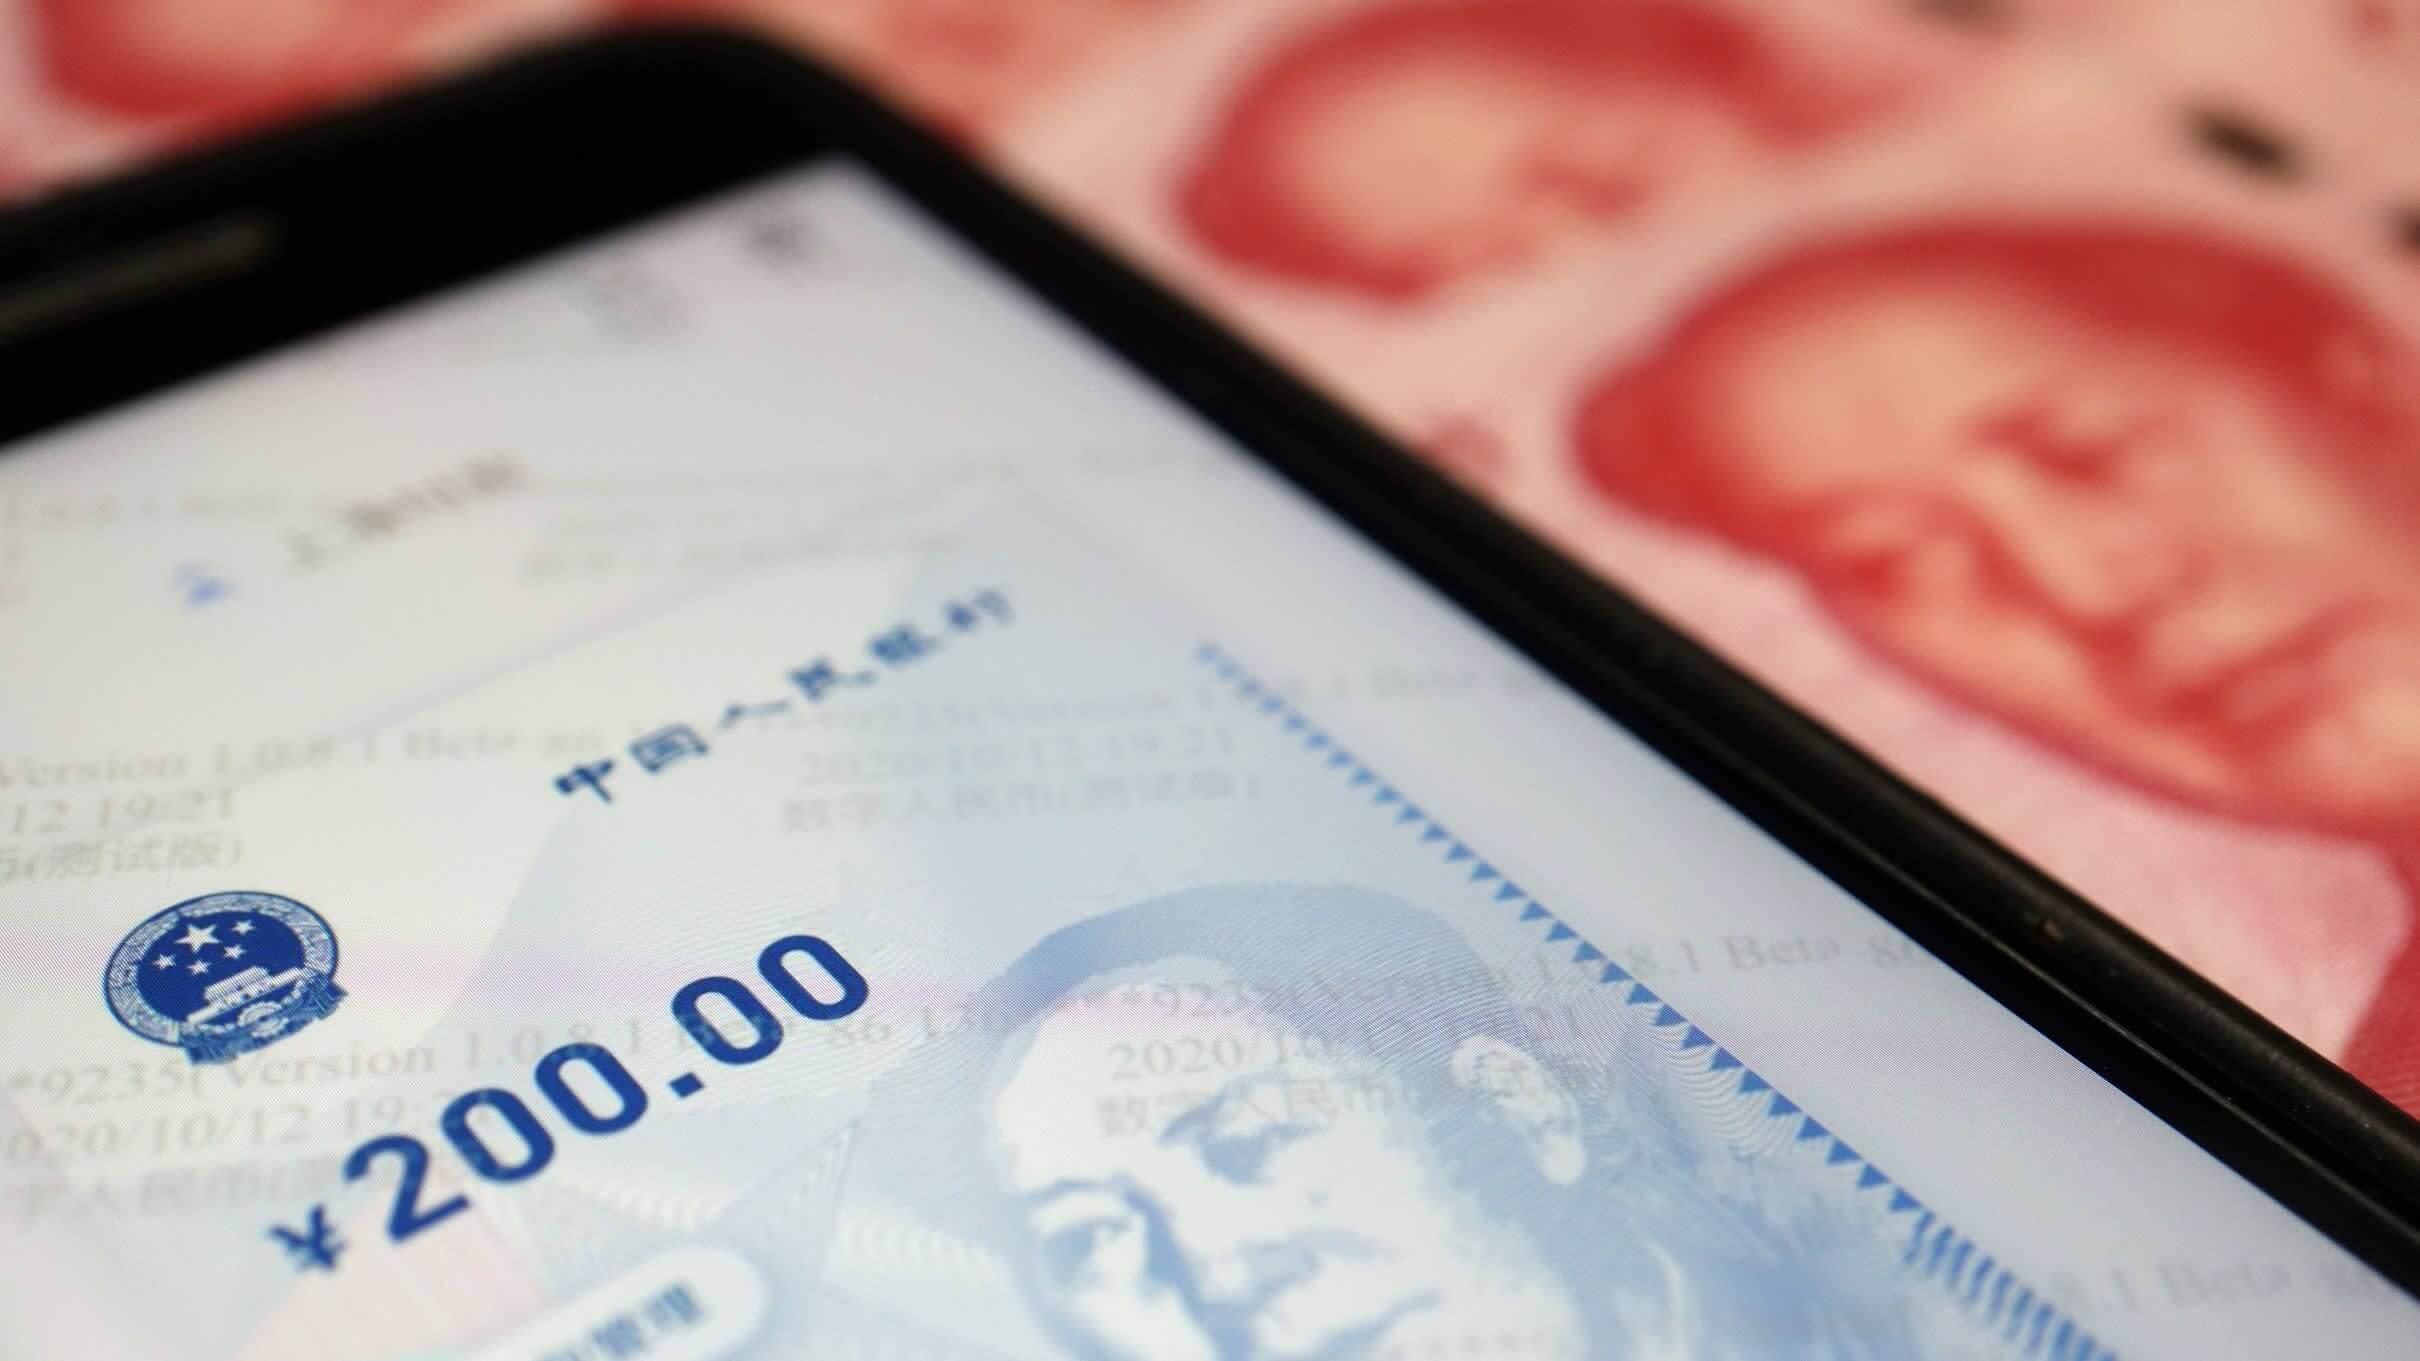 Digitale Währung: China als Vorreiter